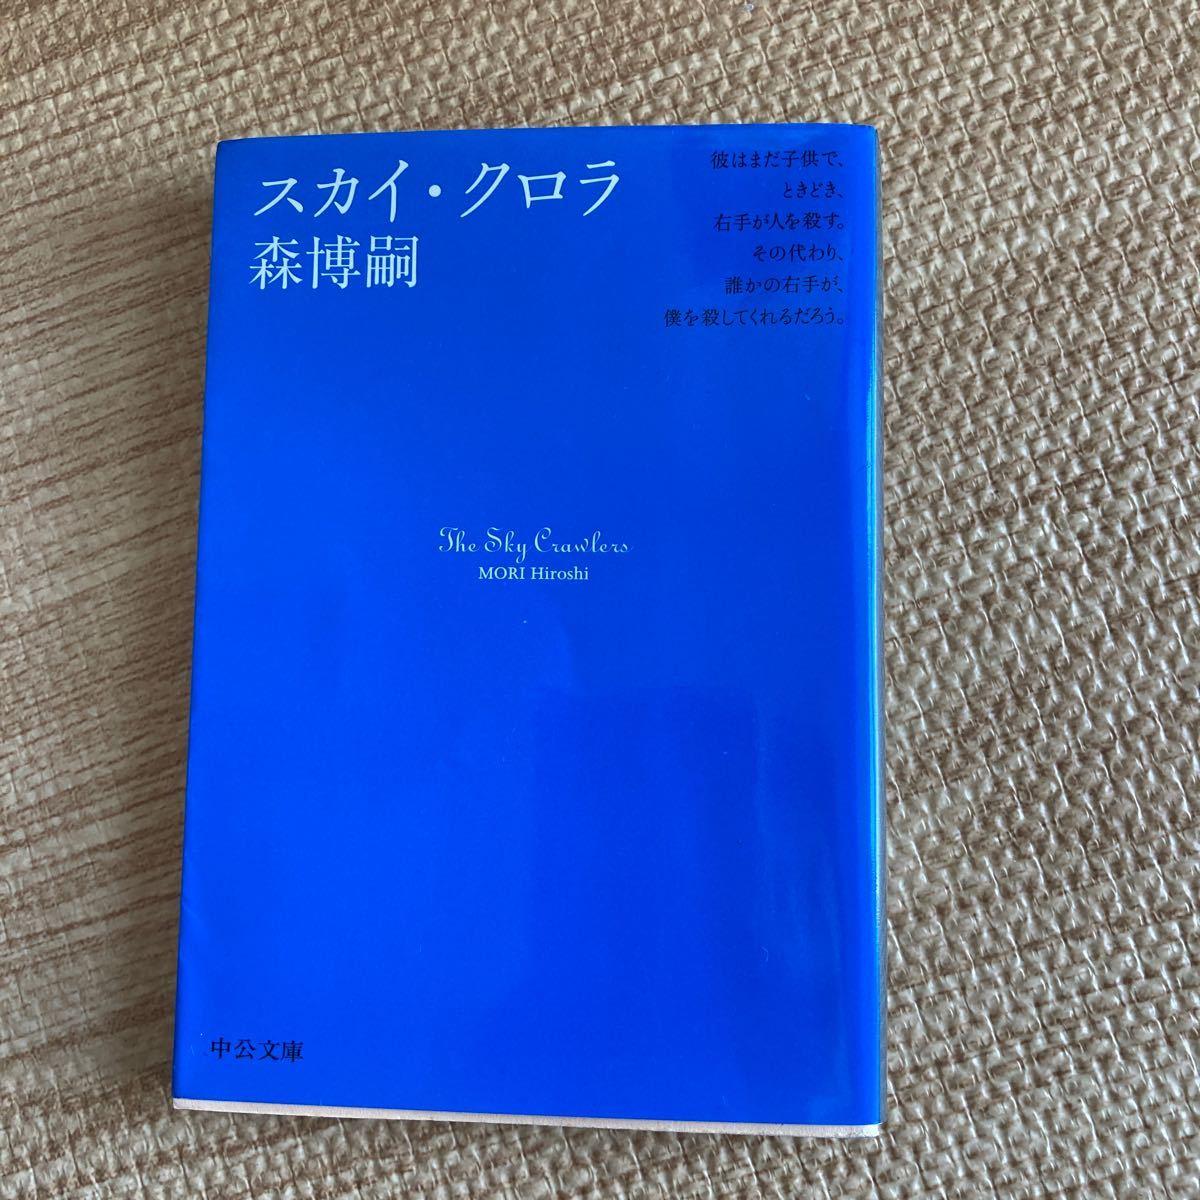 スカイ・クロラ    / 森博嗣  著 - 中央公論新社